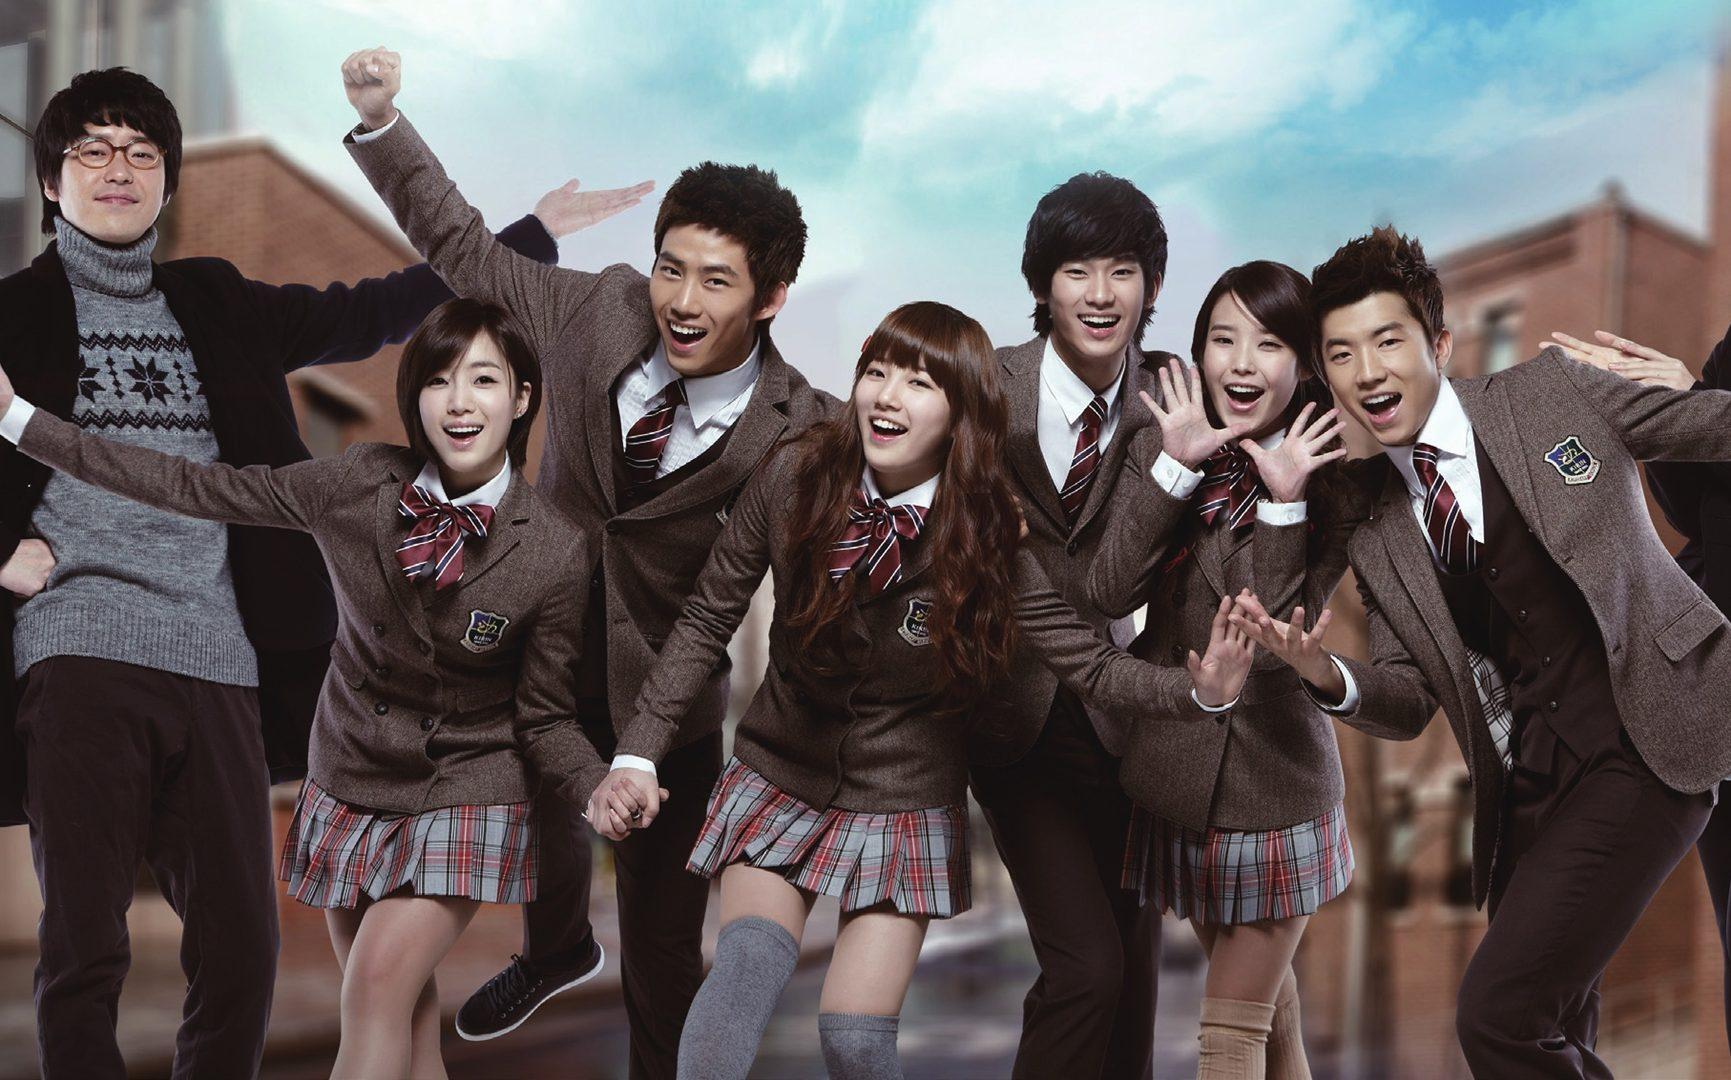 Bay Cao Ước Mơ - Phim Hàn Quốc học đường âm nhạc (2011)